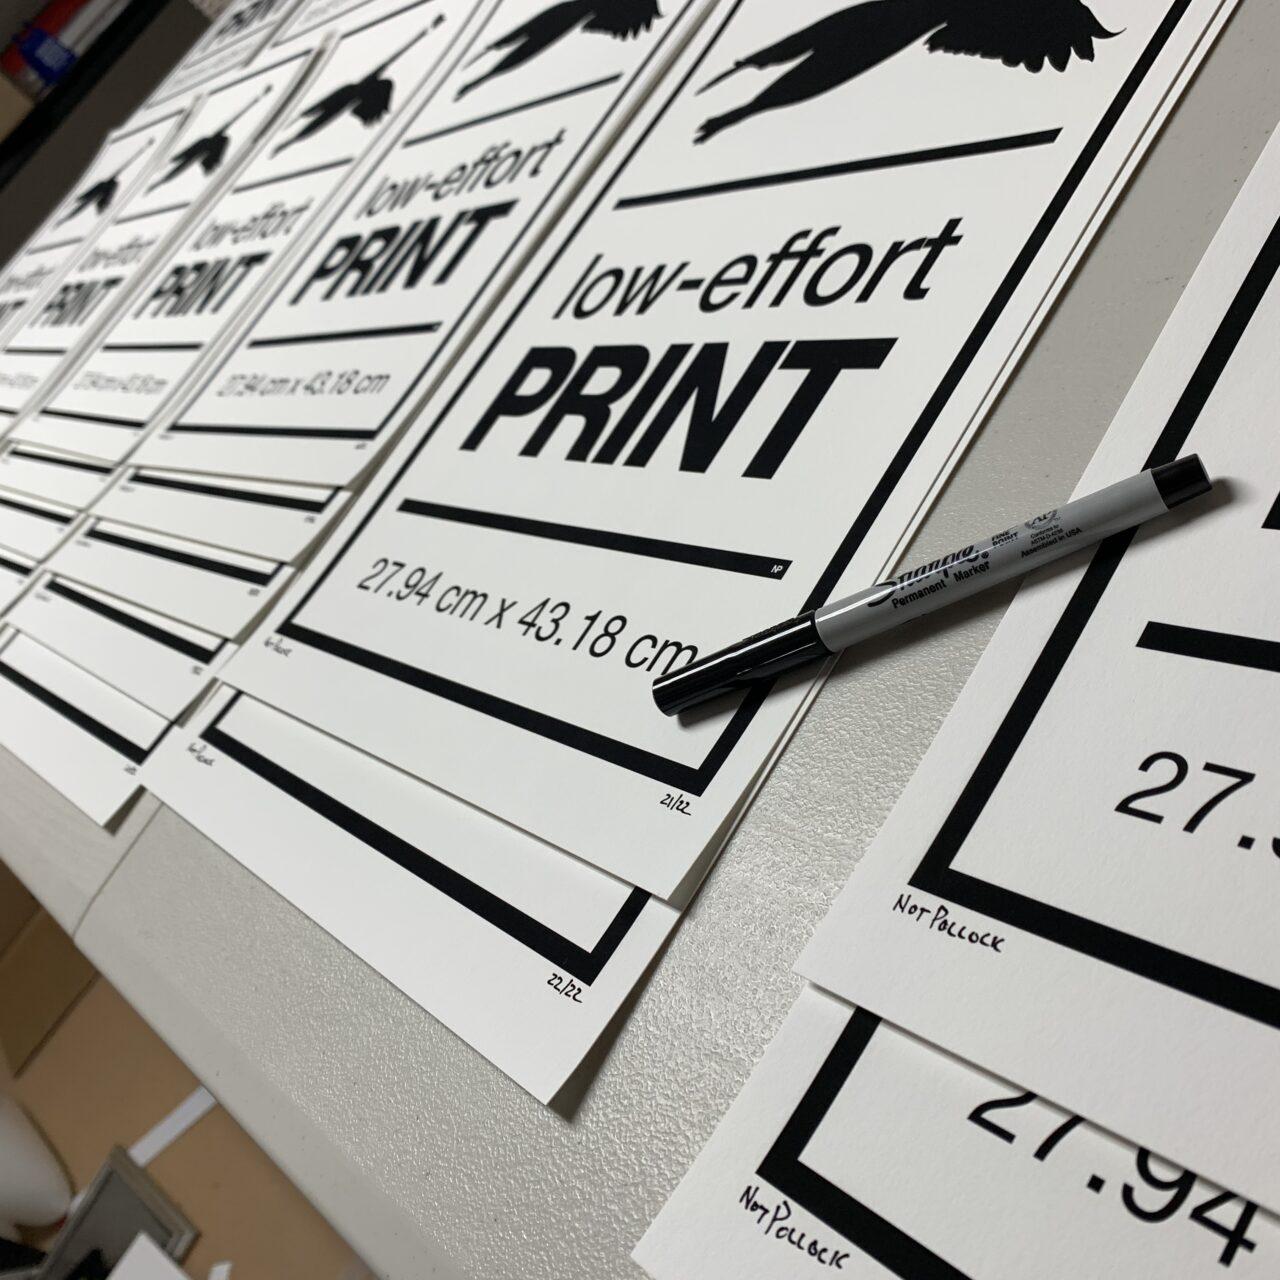 NP - 2020 - Goose - Low Effort Goose Print - v004 - 11x17 - table